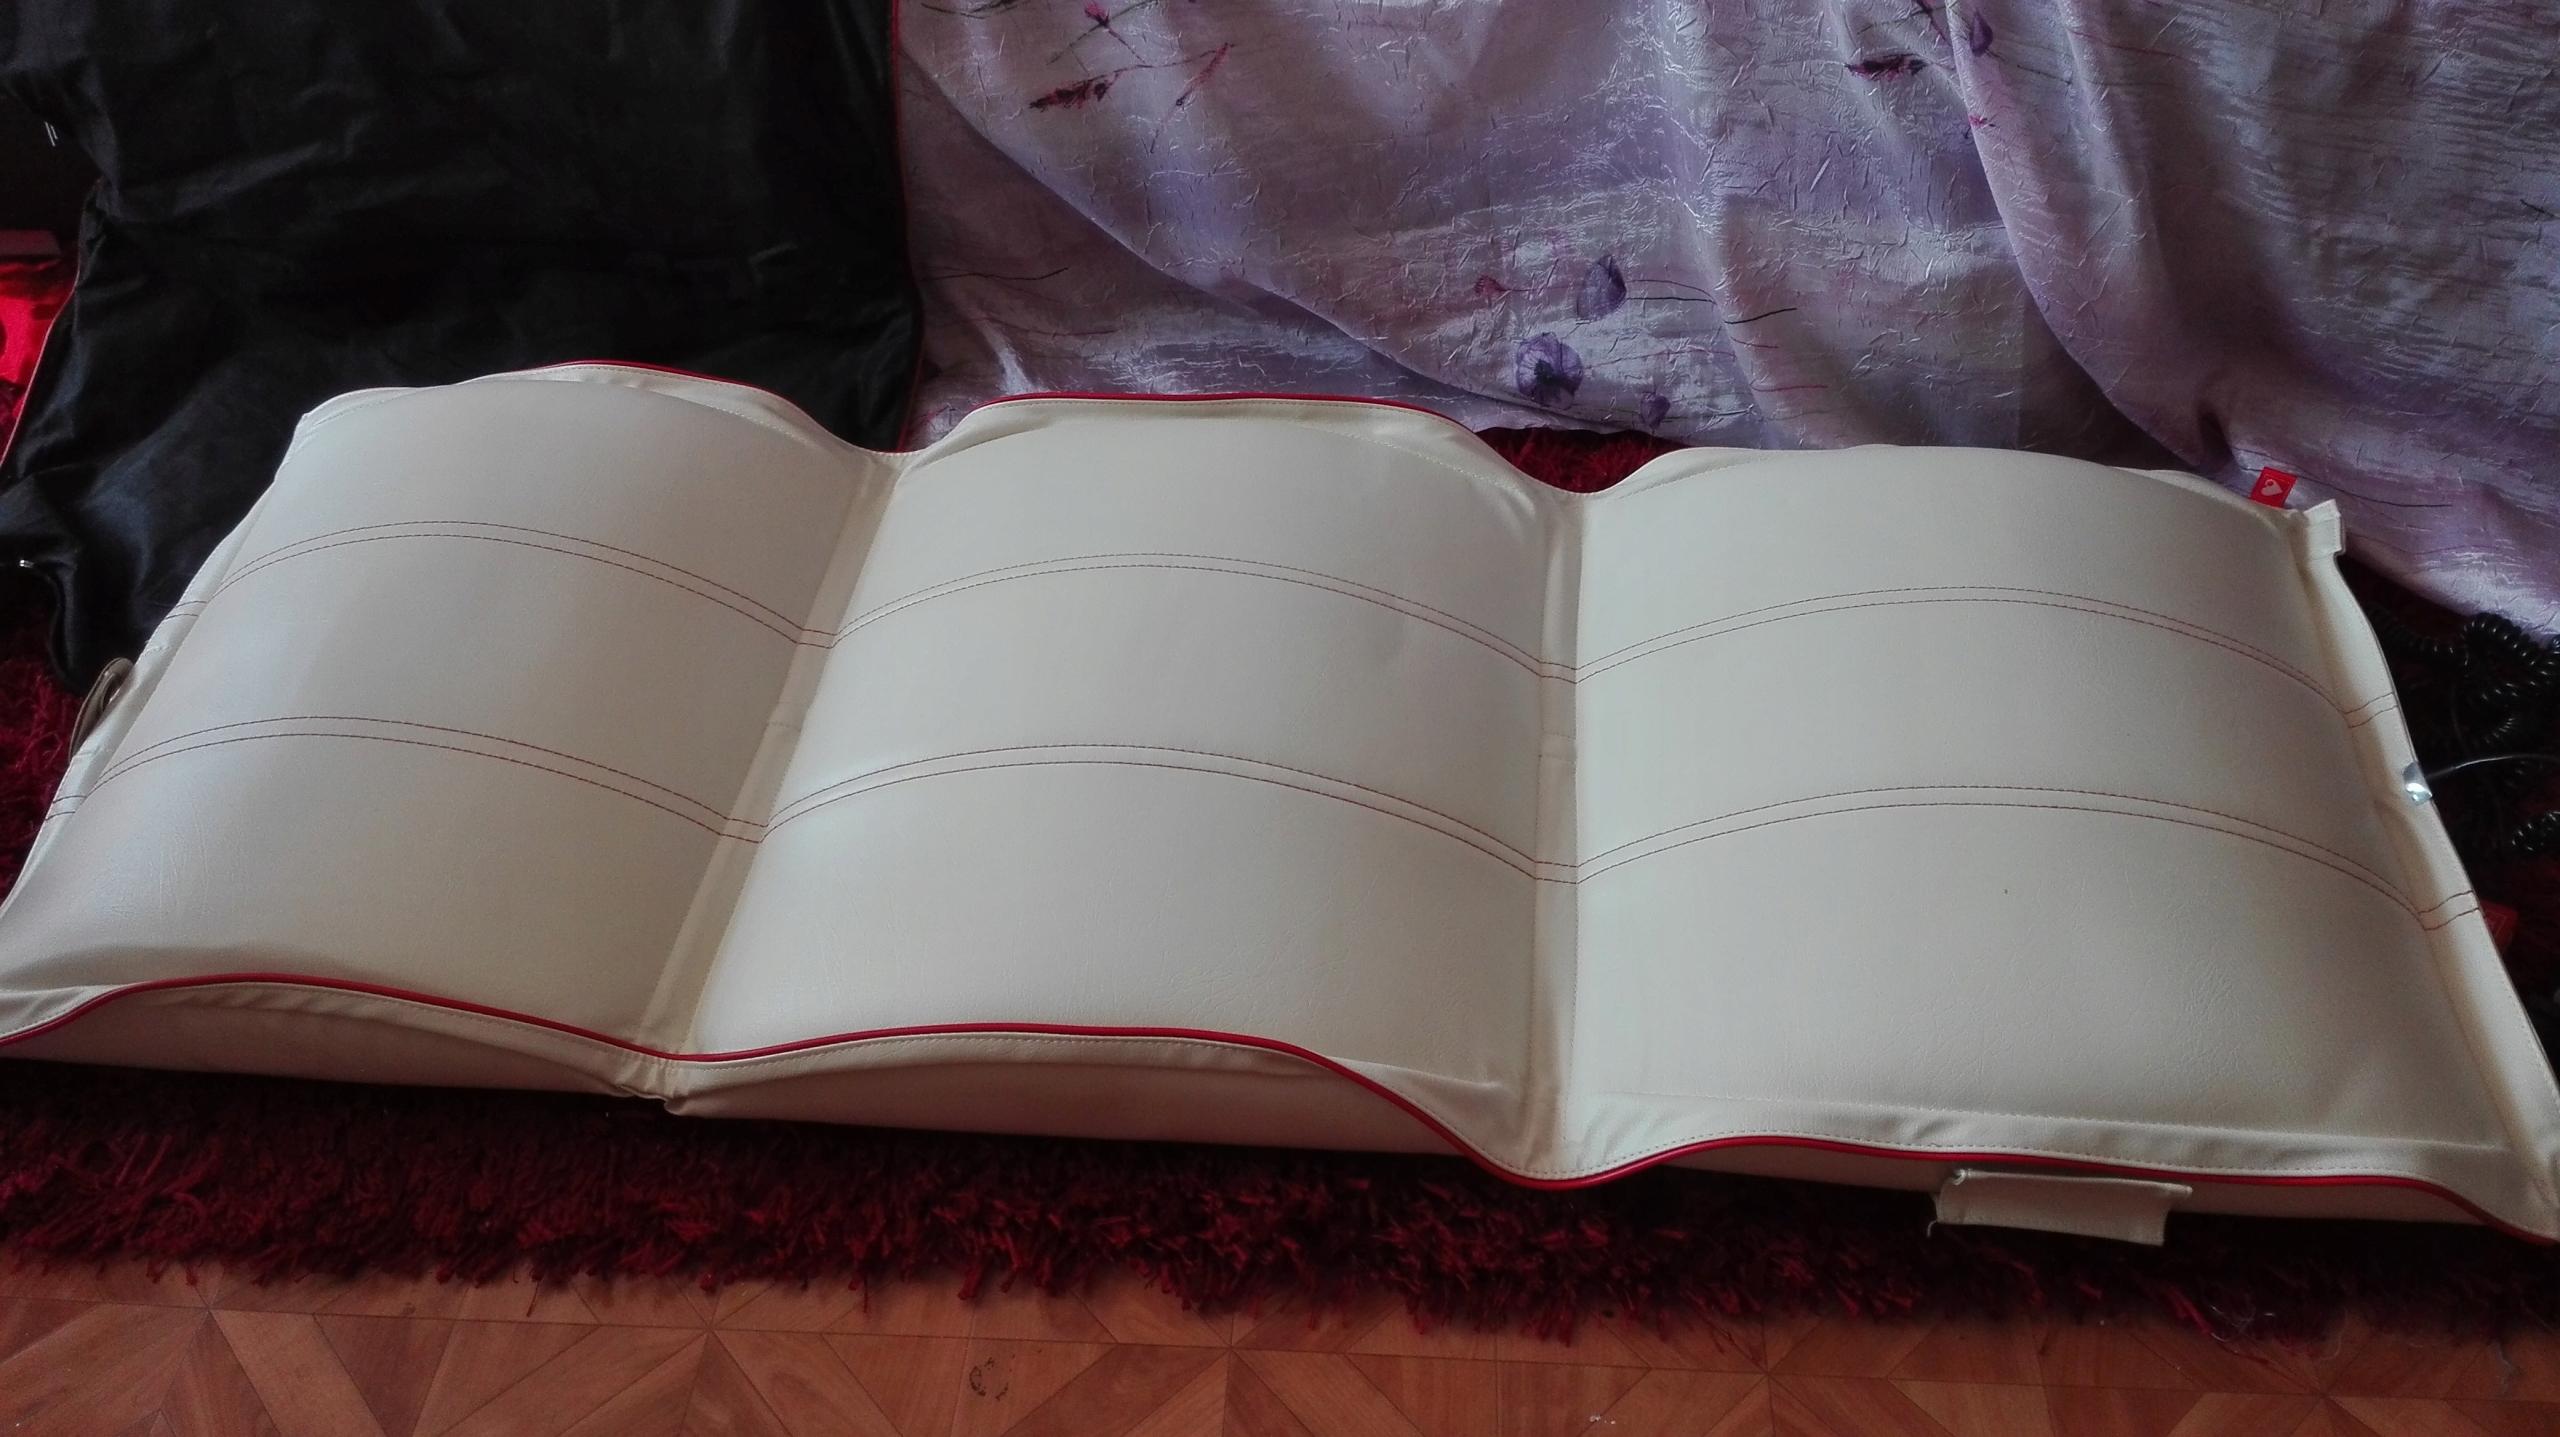 Bardzo dobra Rehabilitacyjny materac masujący Vitberg Enabio 2 - 7453268702 WS12